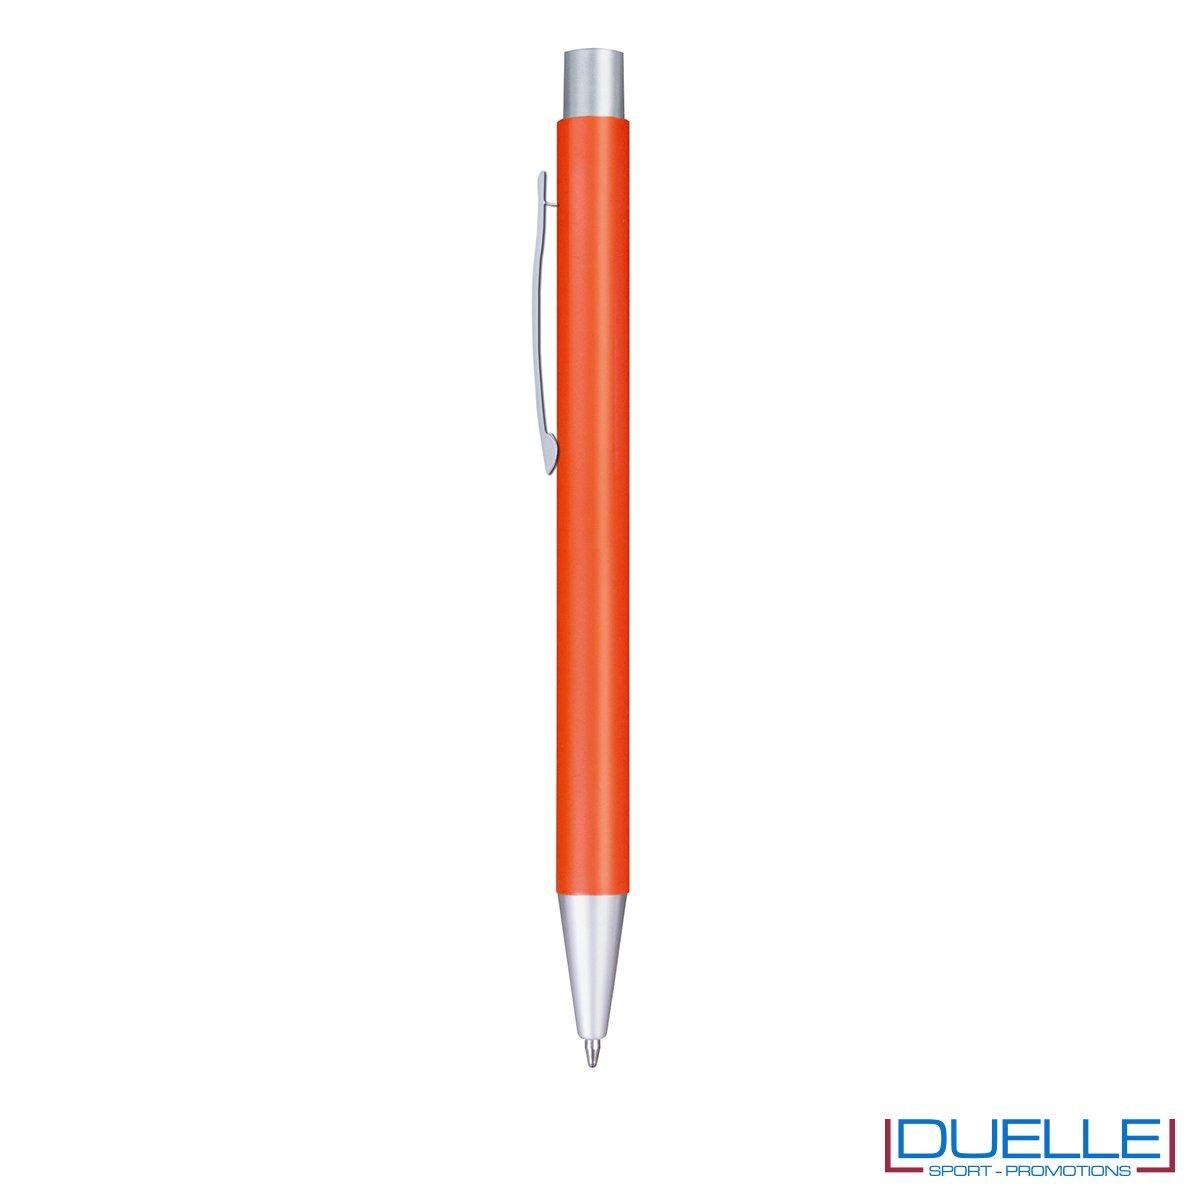 Penna in alluminio colore arancione personalizzata con incisione laser